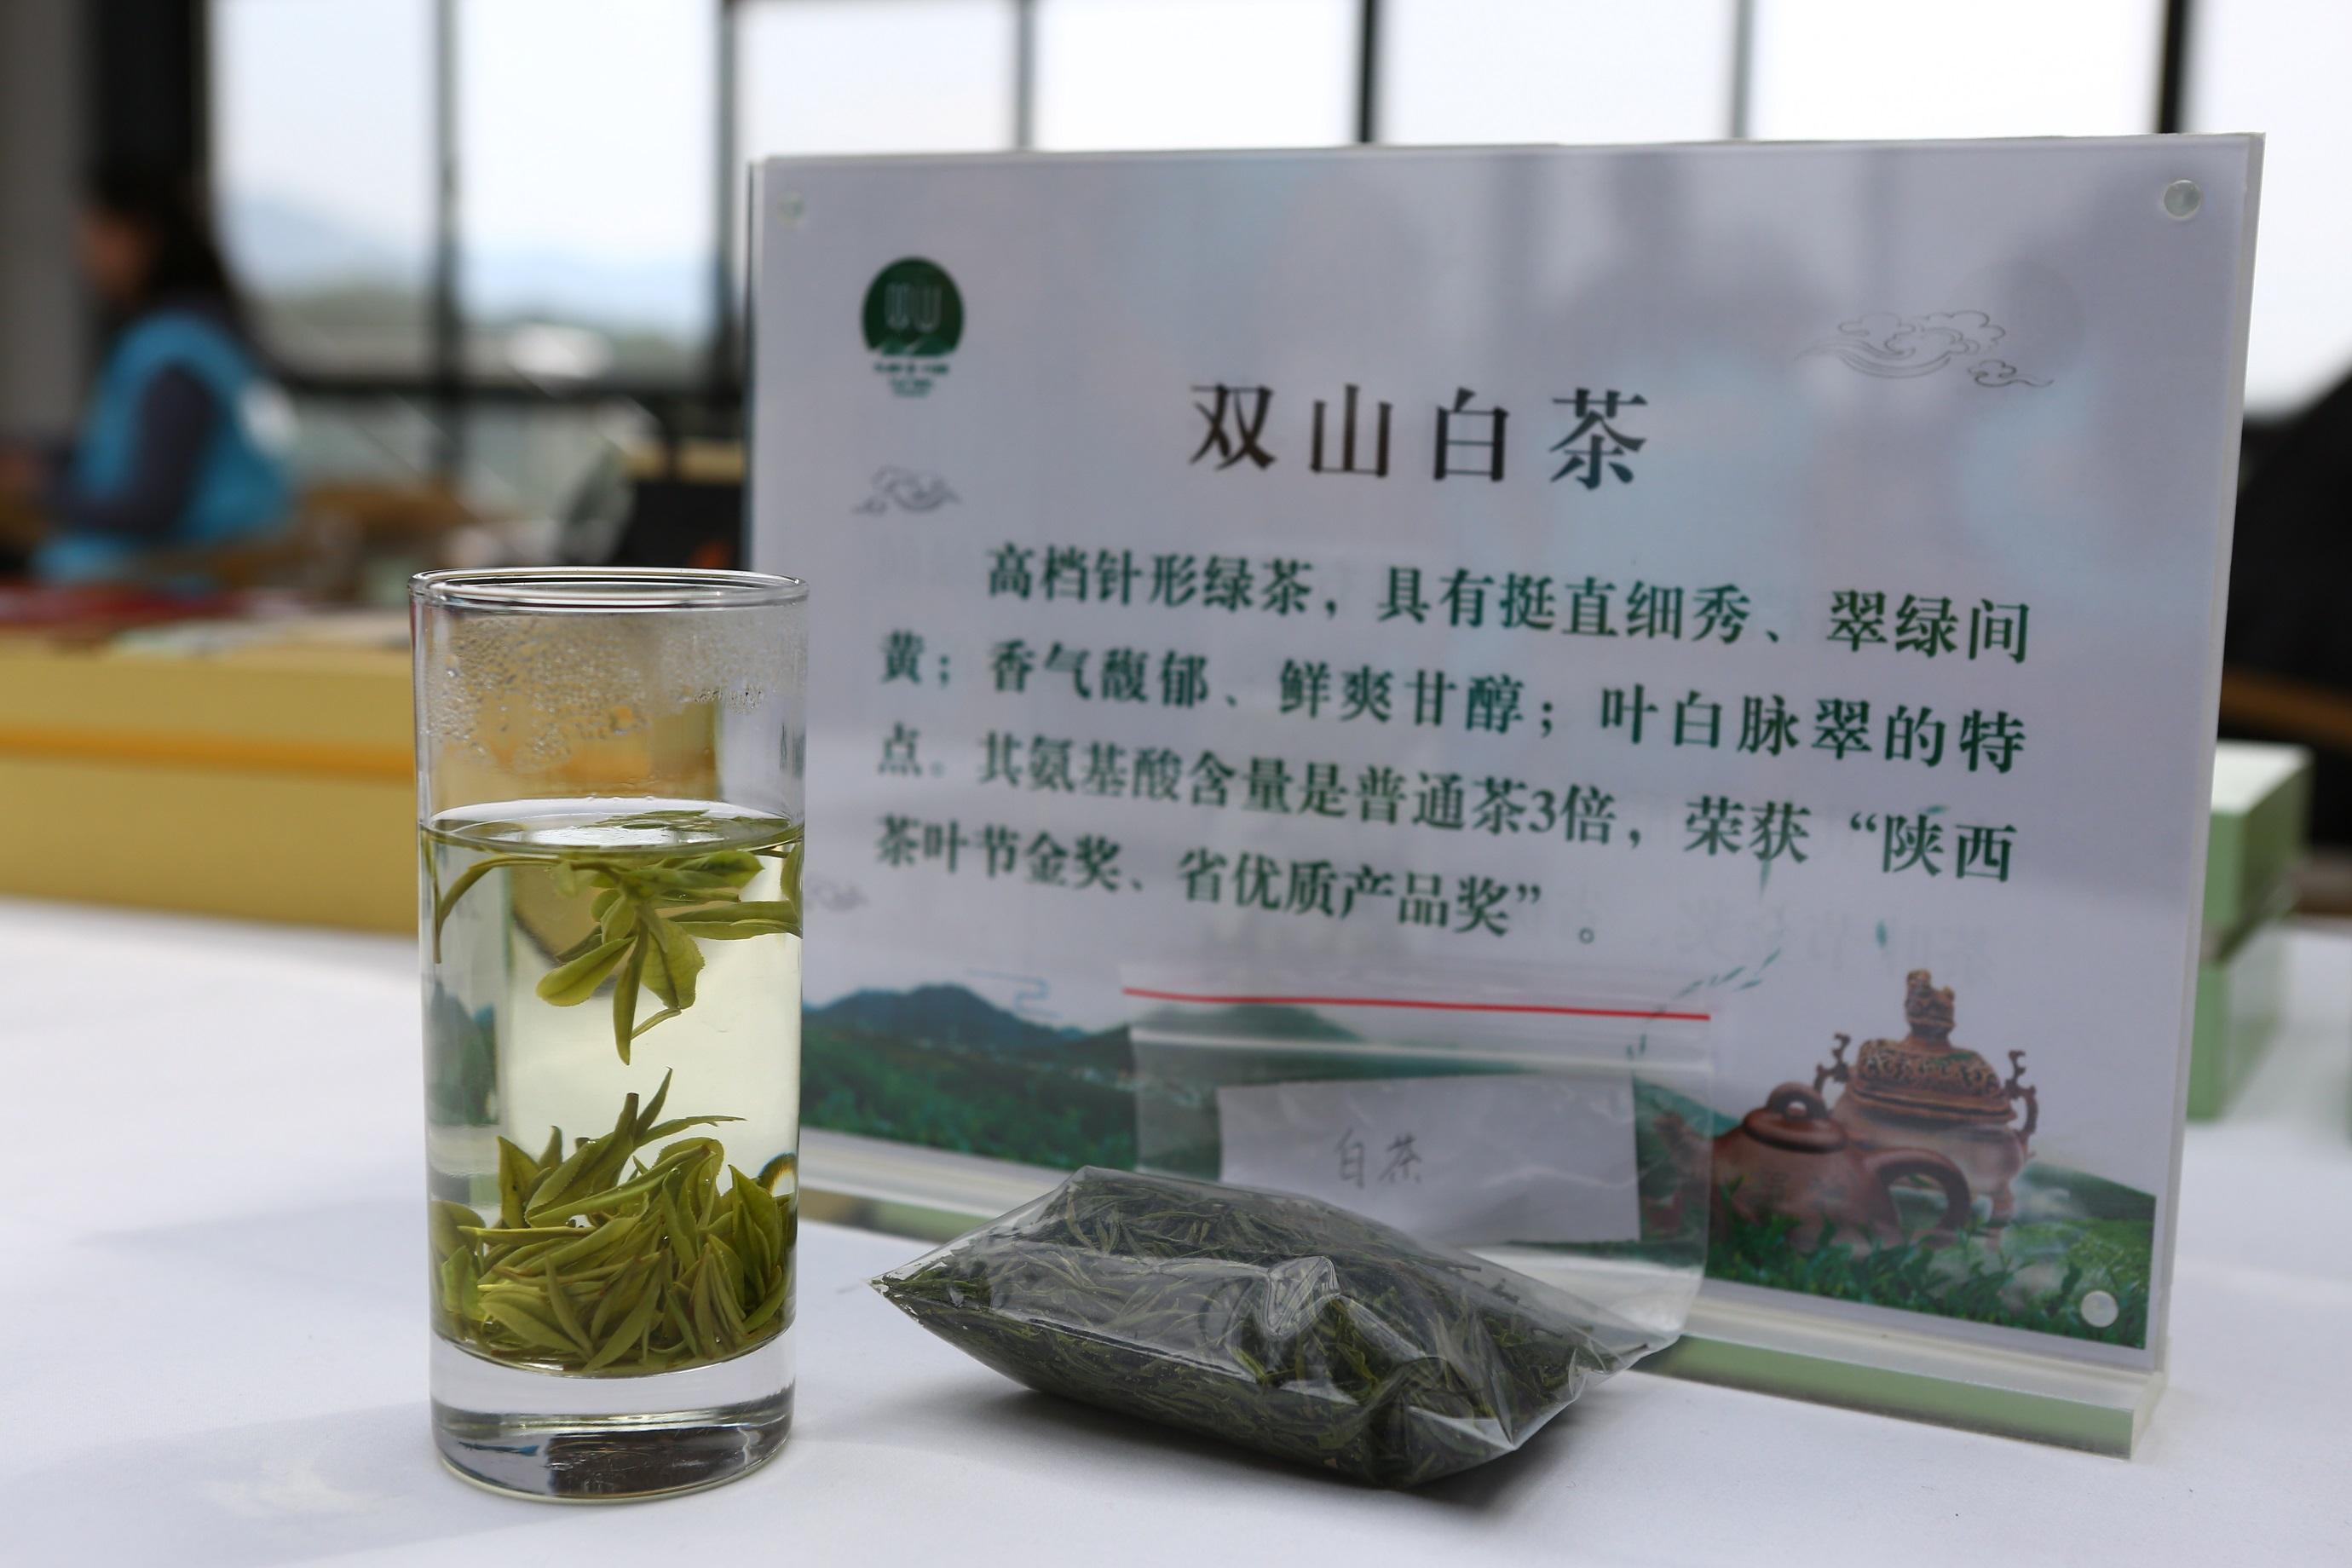 陕西省商南县茶叶联营公司双山白茶